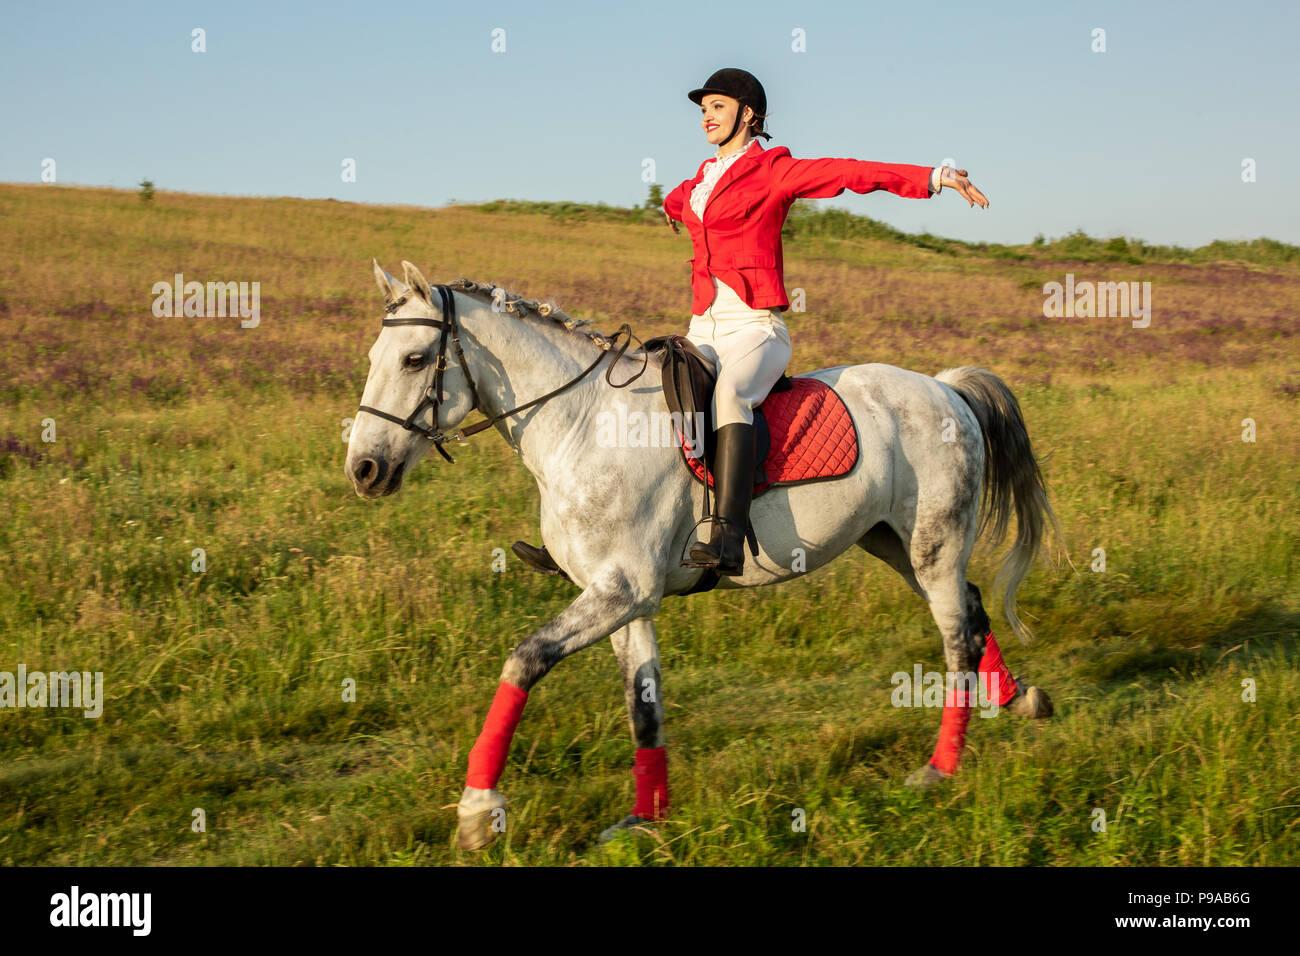 die reiterin auf einem roten pferd reiten pferderennen